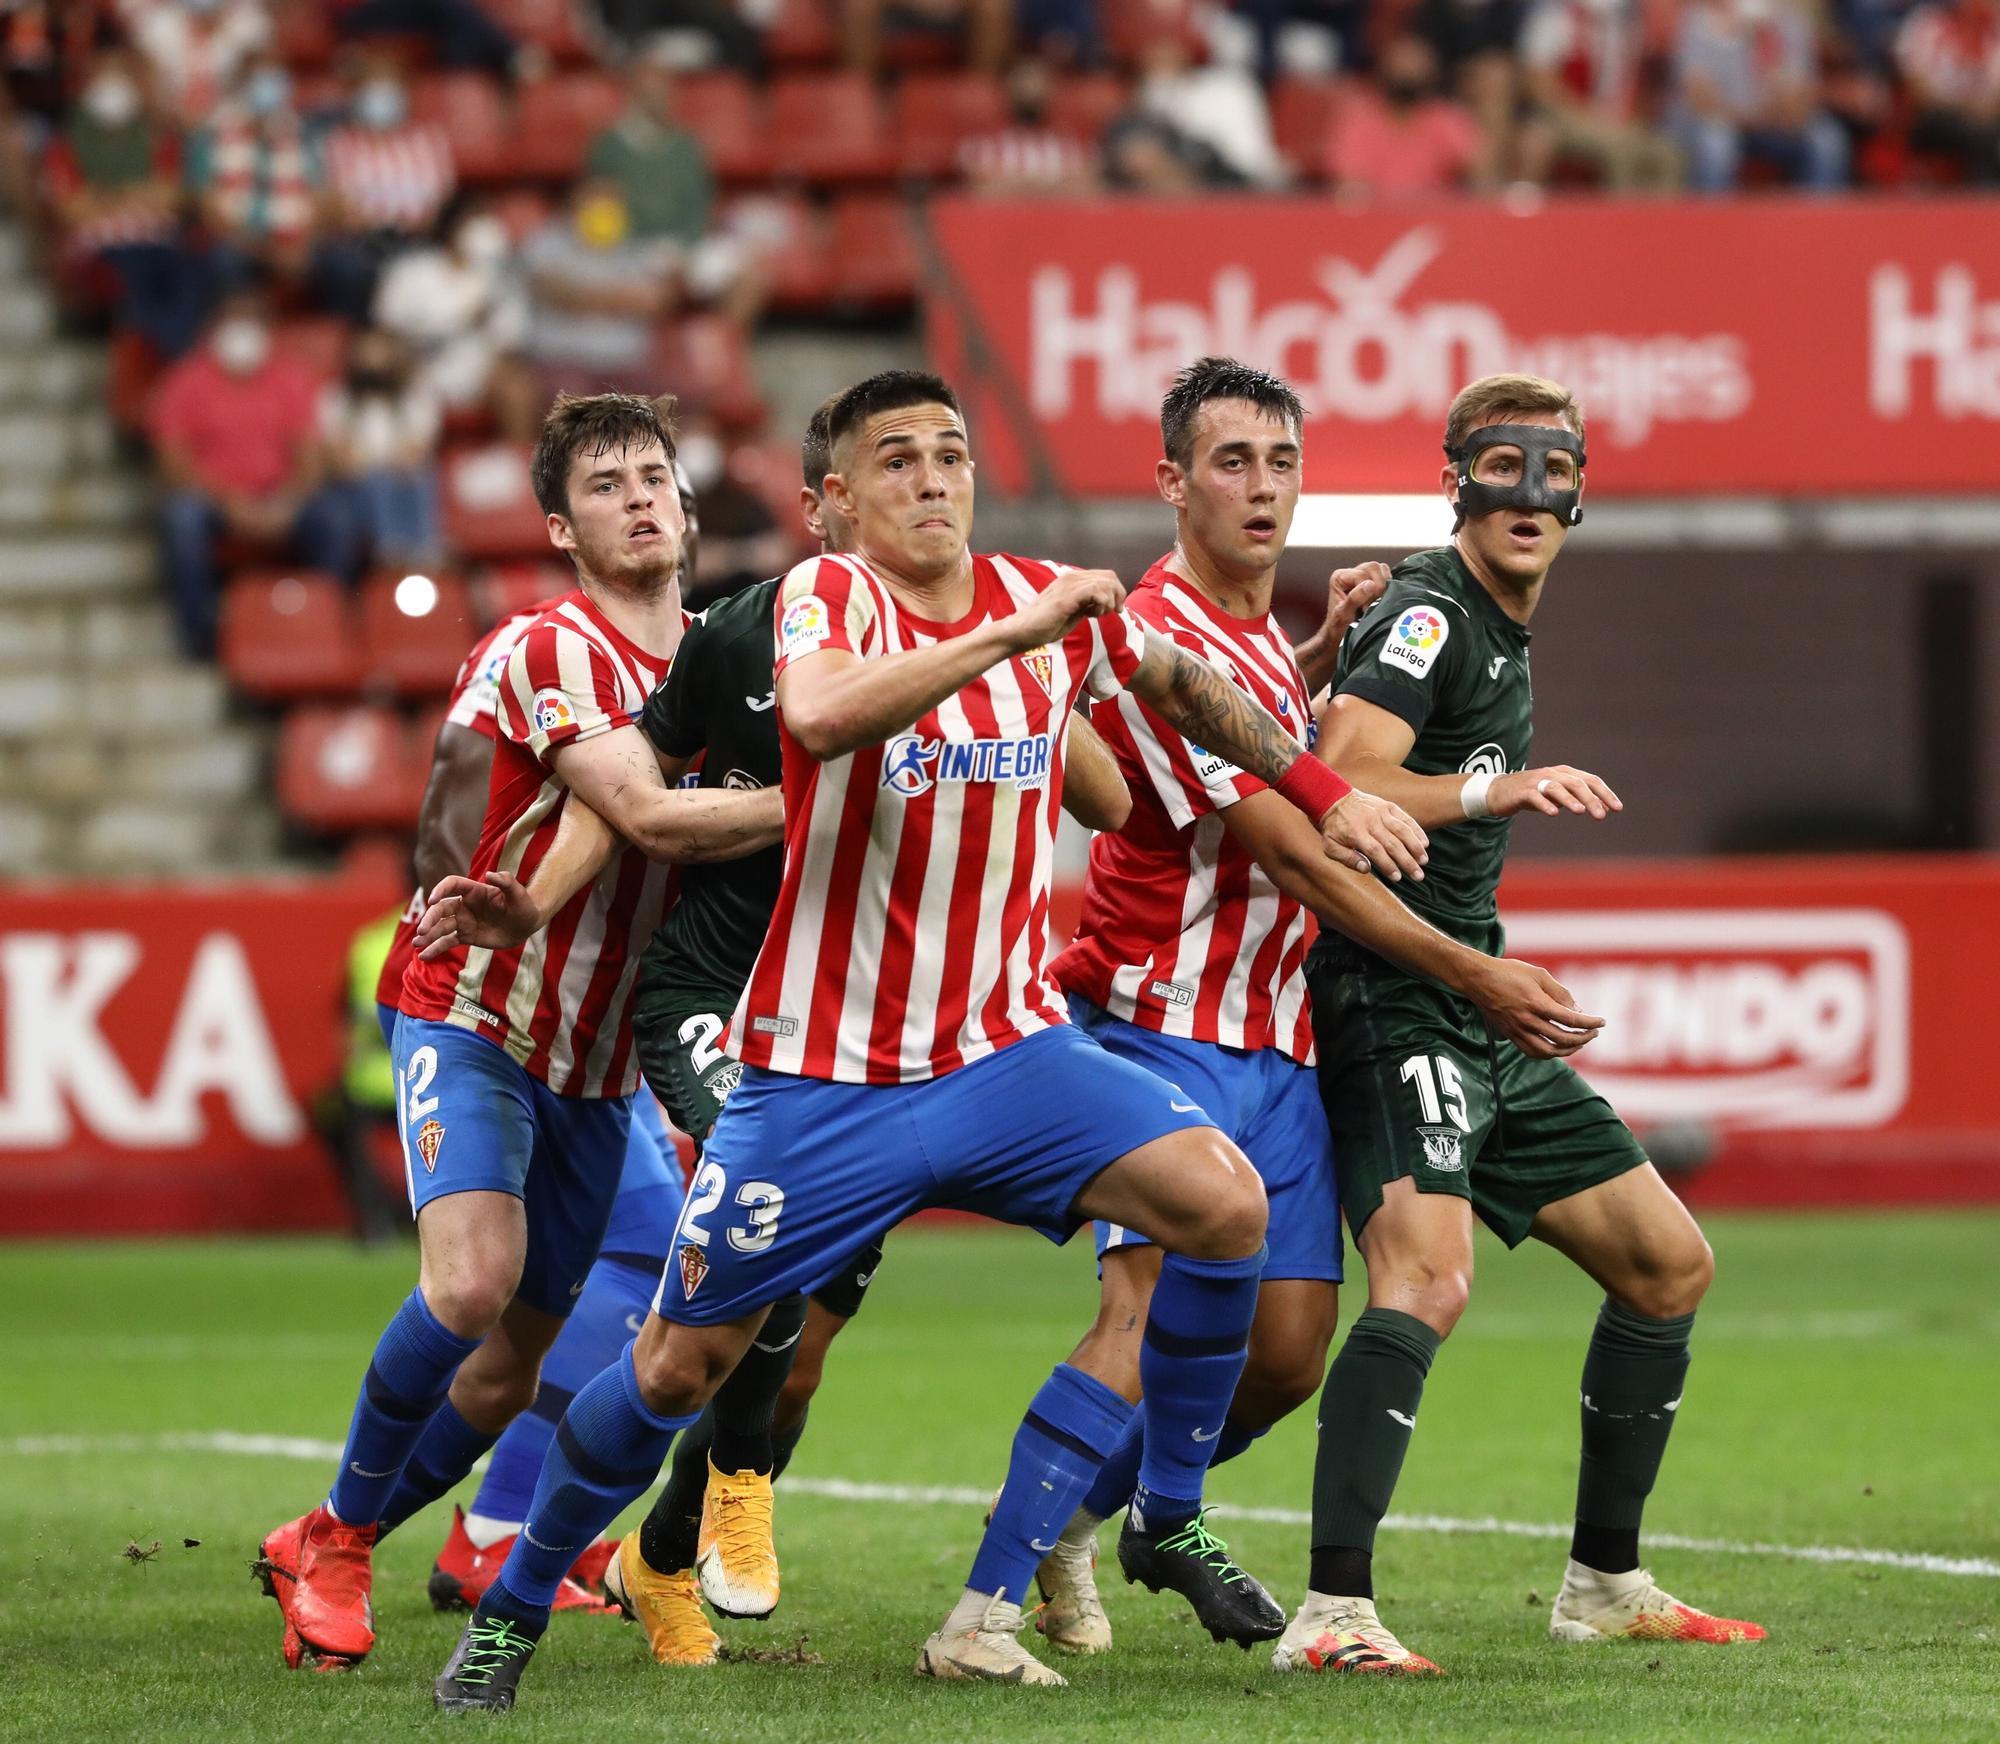 La victoria del Sporting ante el Leganés (2-1) en imágenes